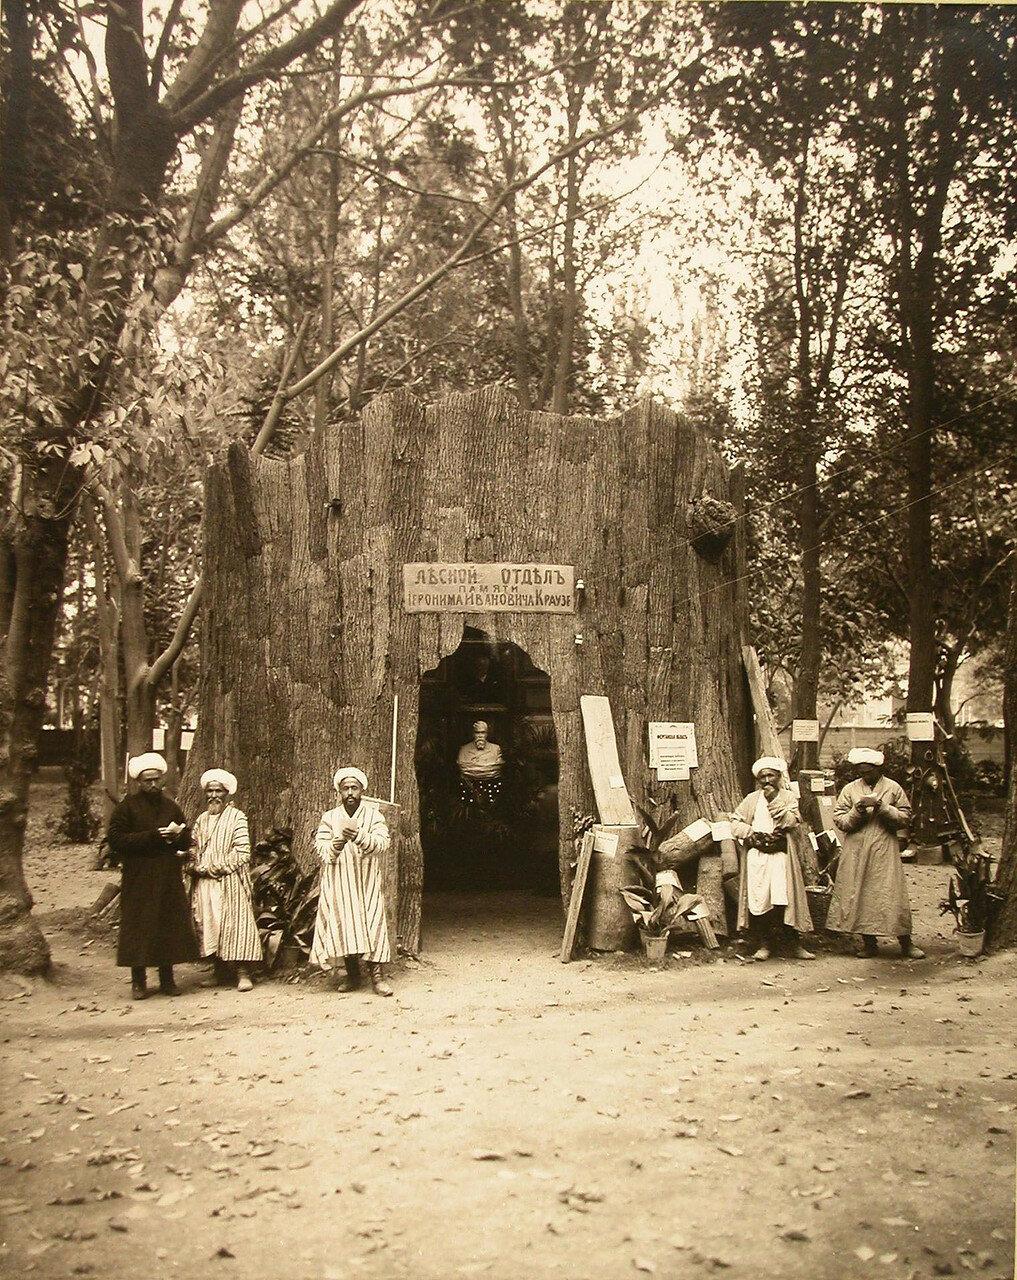 53. Группа местных жителей у входа в павильон лесного отдела имени И.И. Краузе